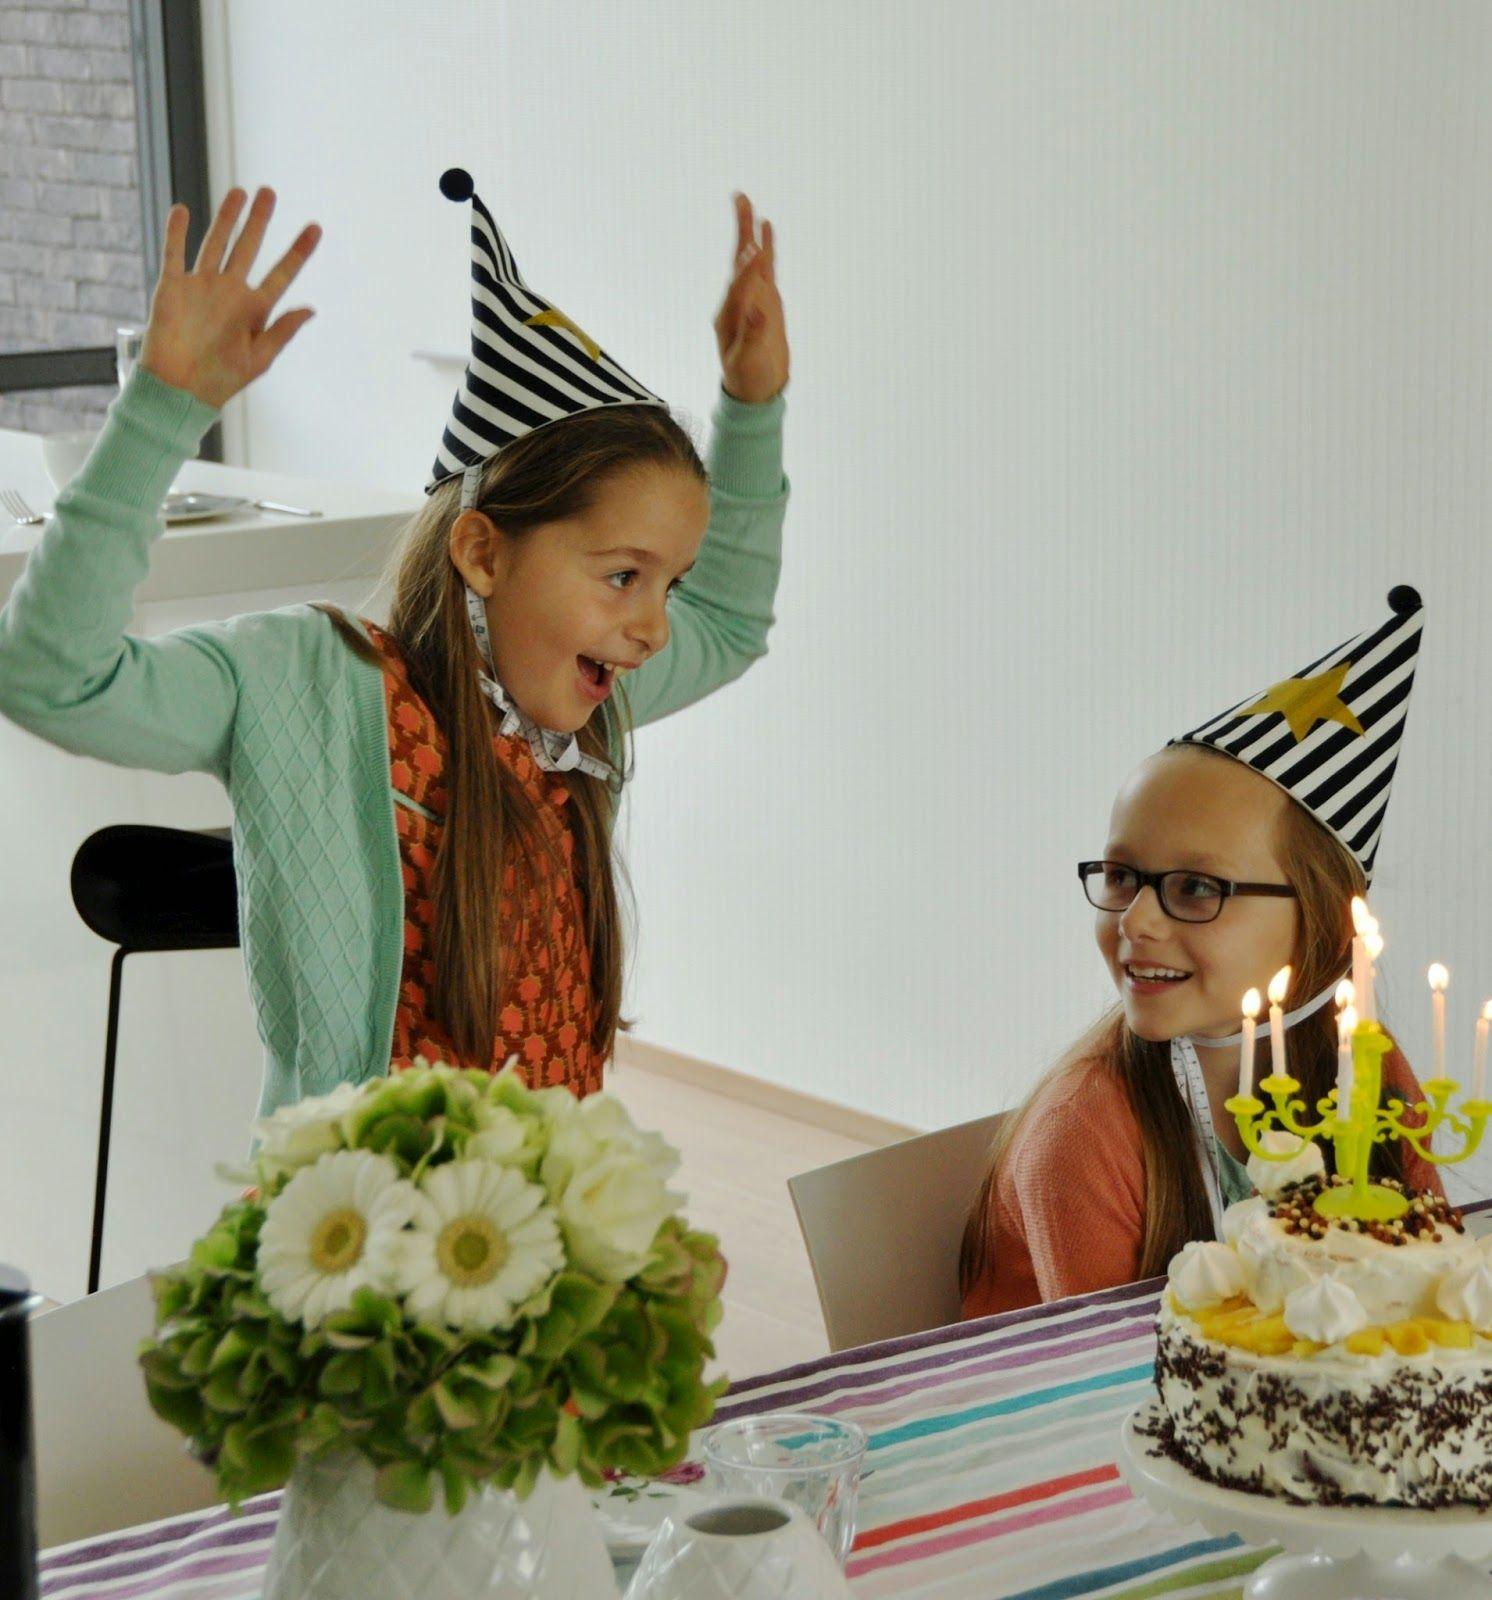 Bijna een maand geleden waren ze jarig, die meisjes van me.Ze werden negen en kregen een feest...